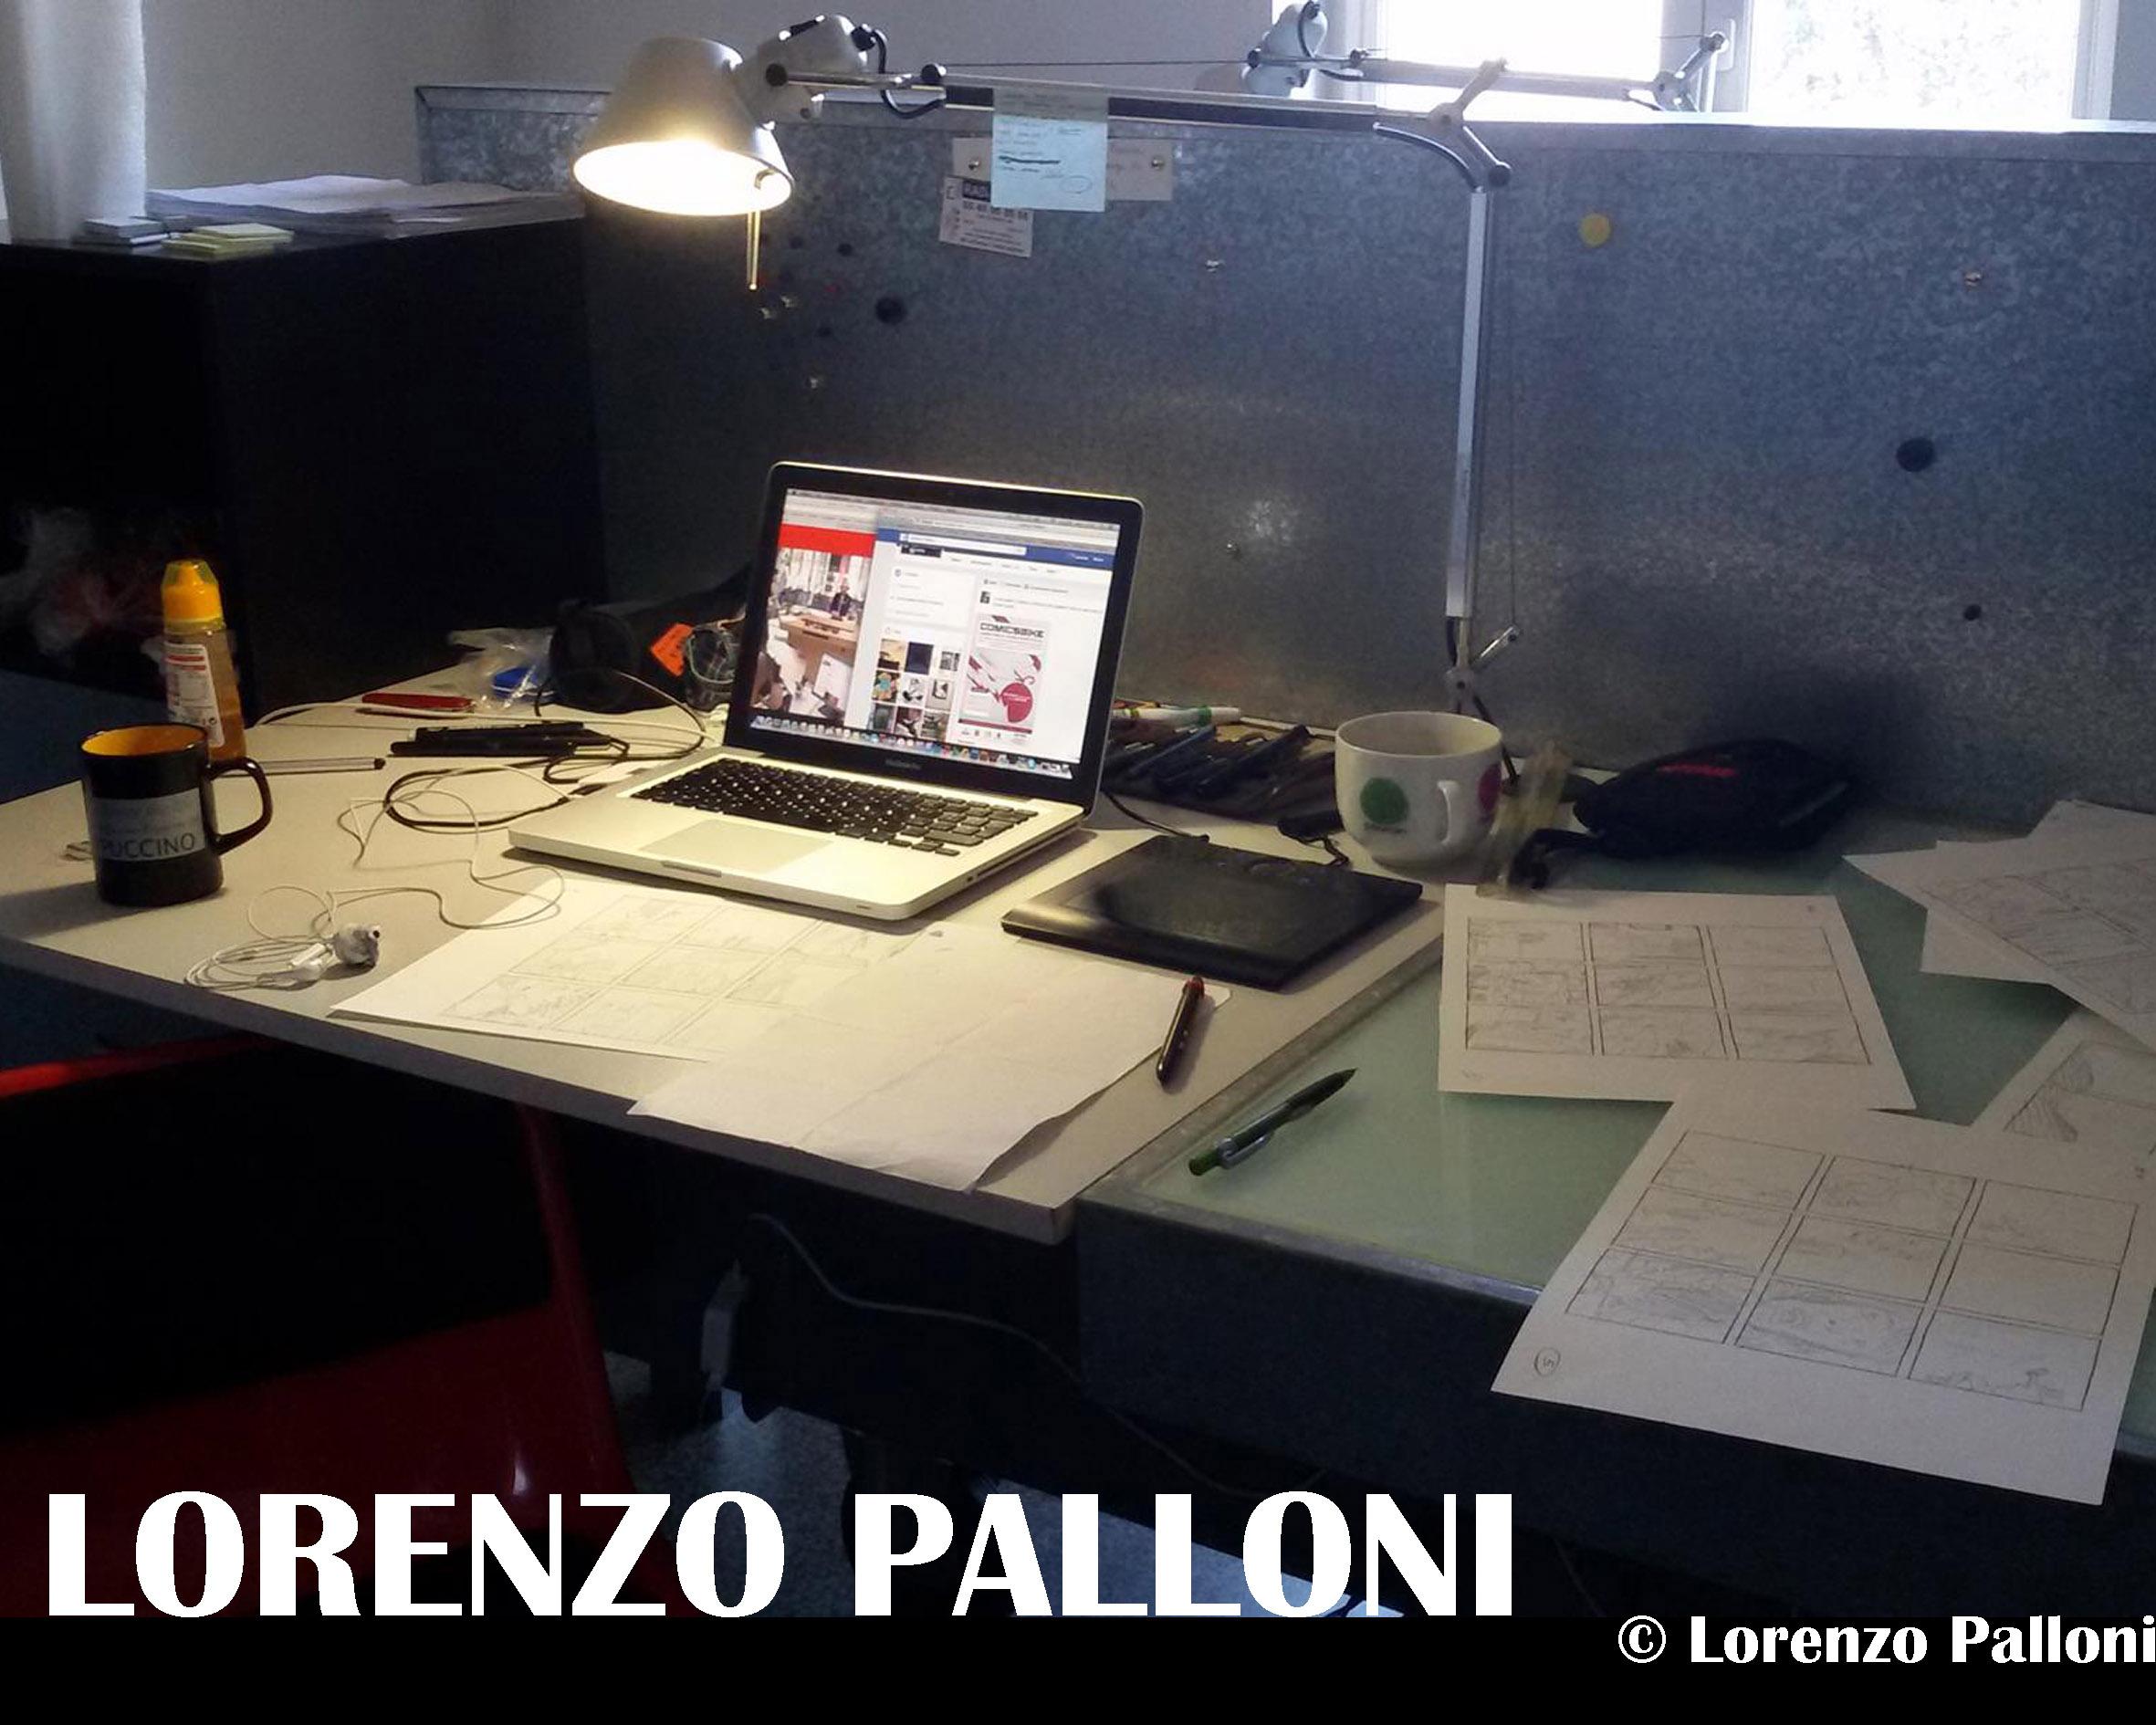 Lorenzo Palloni